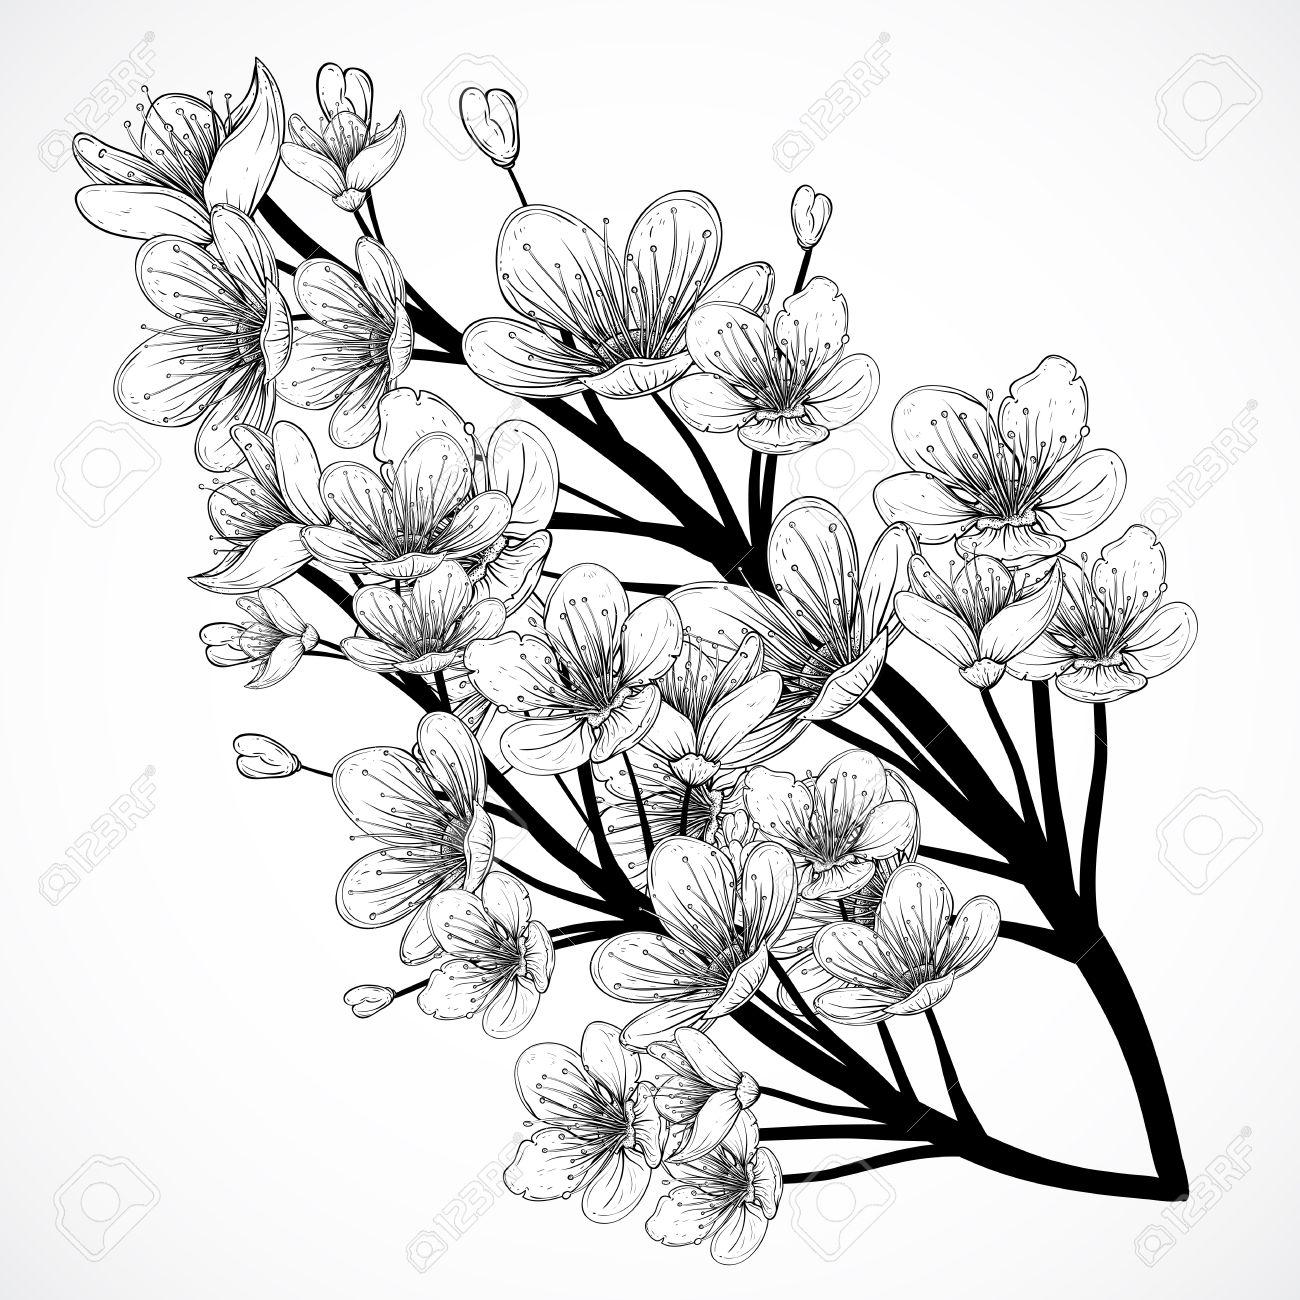 Flor Del Cerezo Ilustración Dibujada De La Vendimia Blanco Y Negro